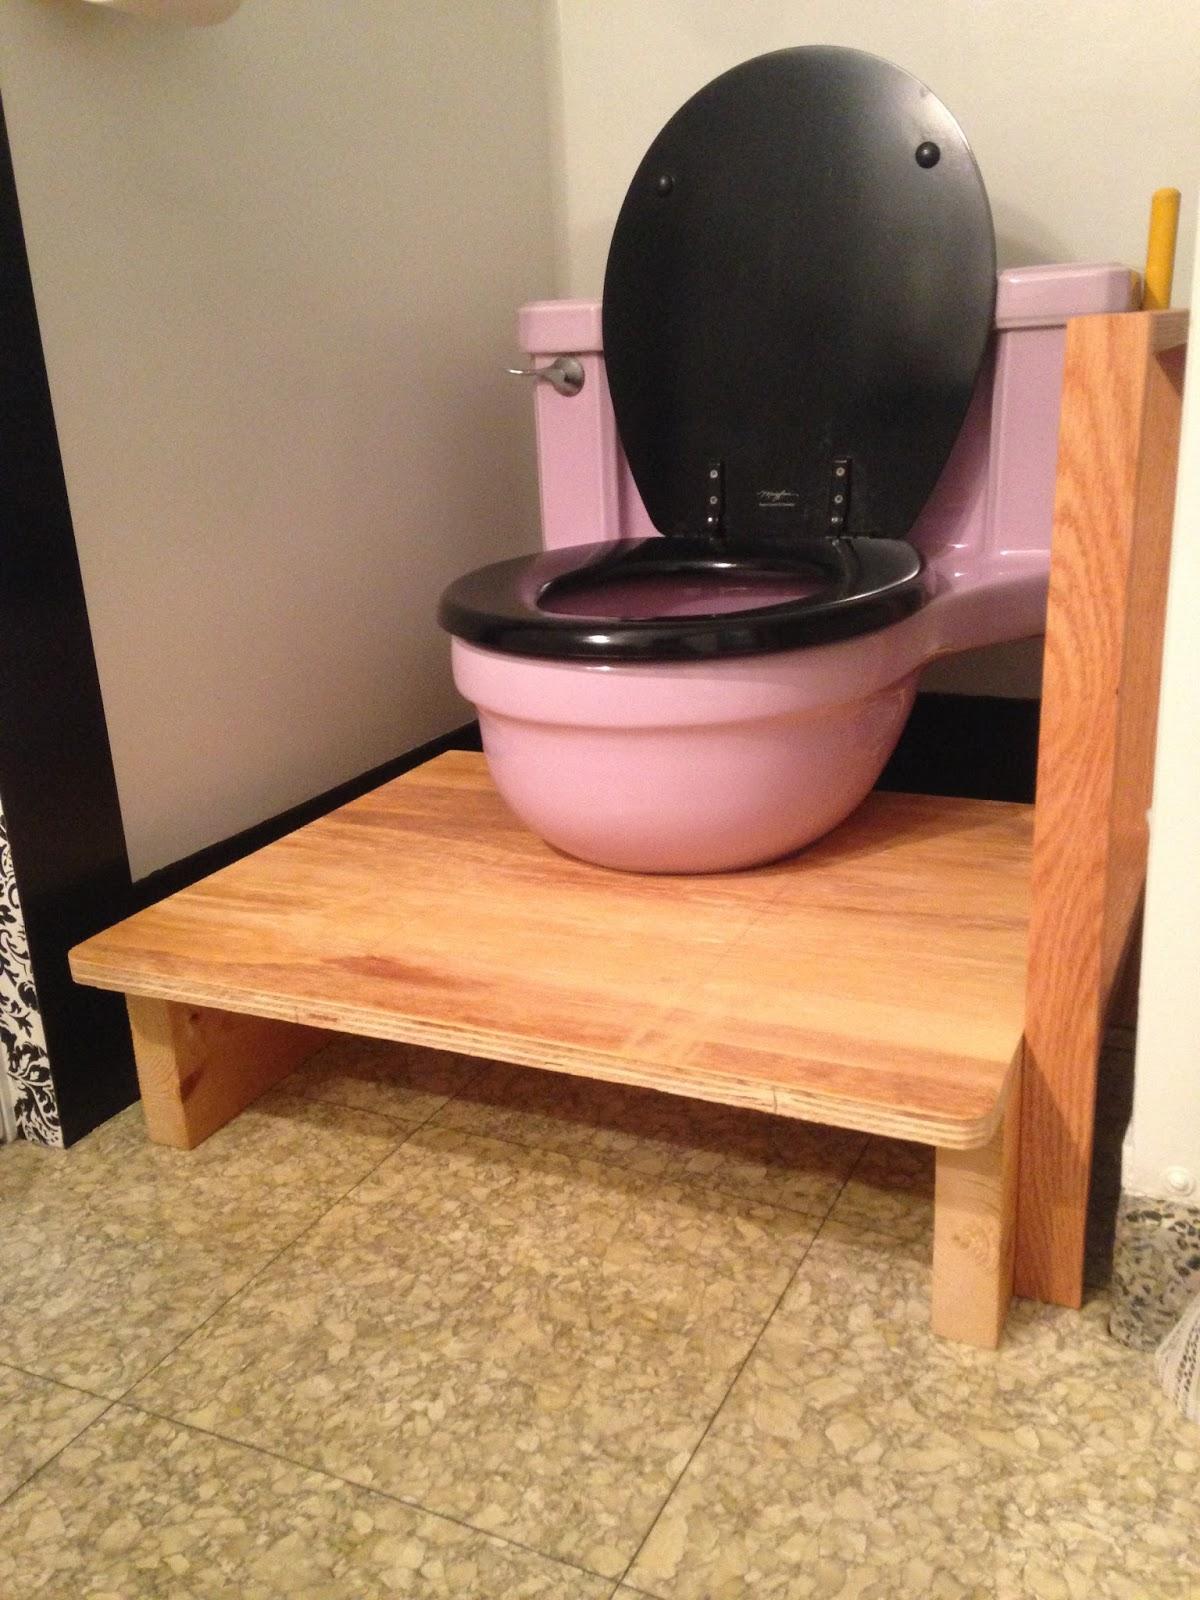 How To Set Up A Montessori Toddler Bathroom Momtessori Life